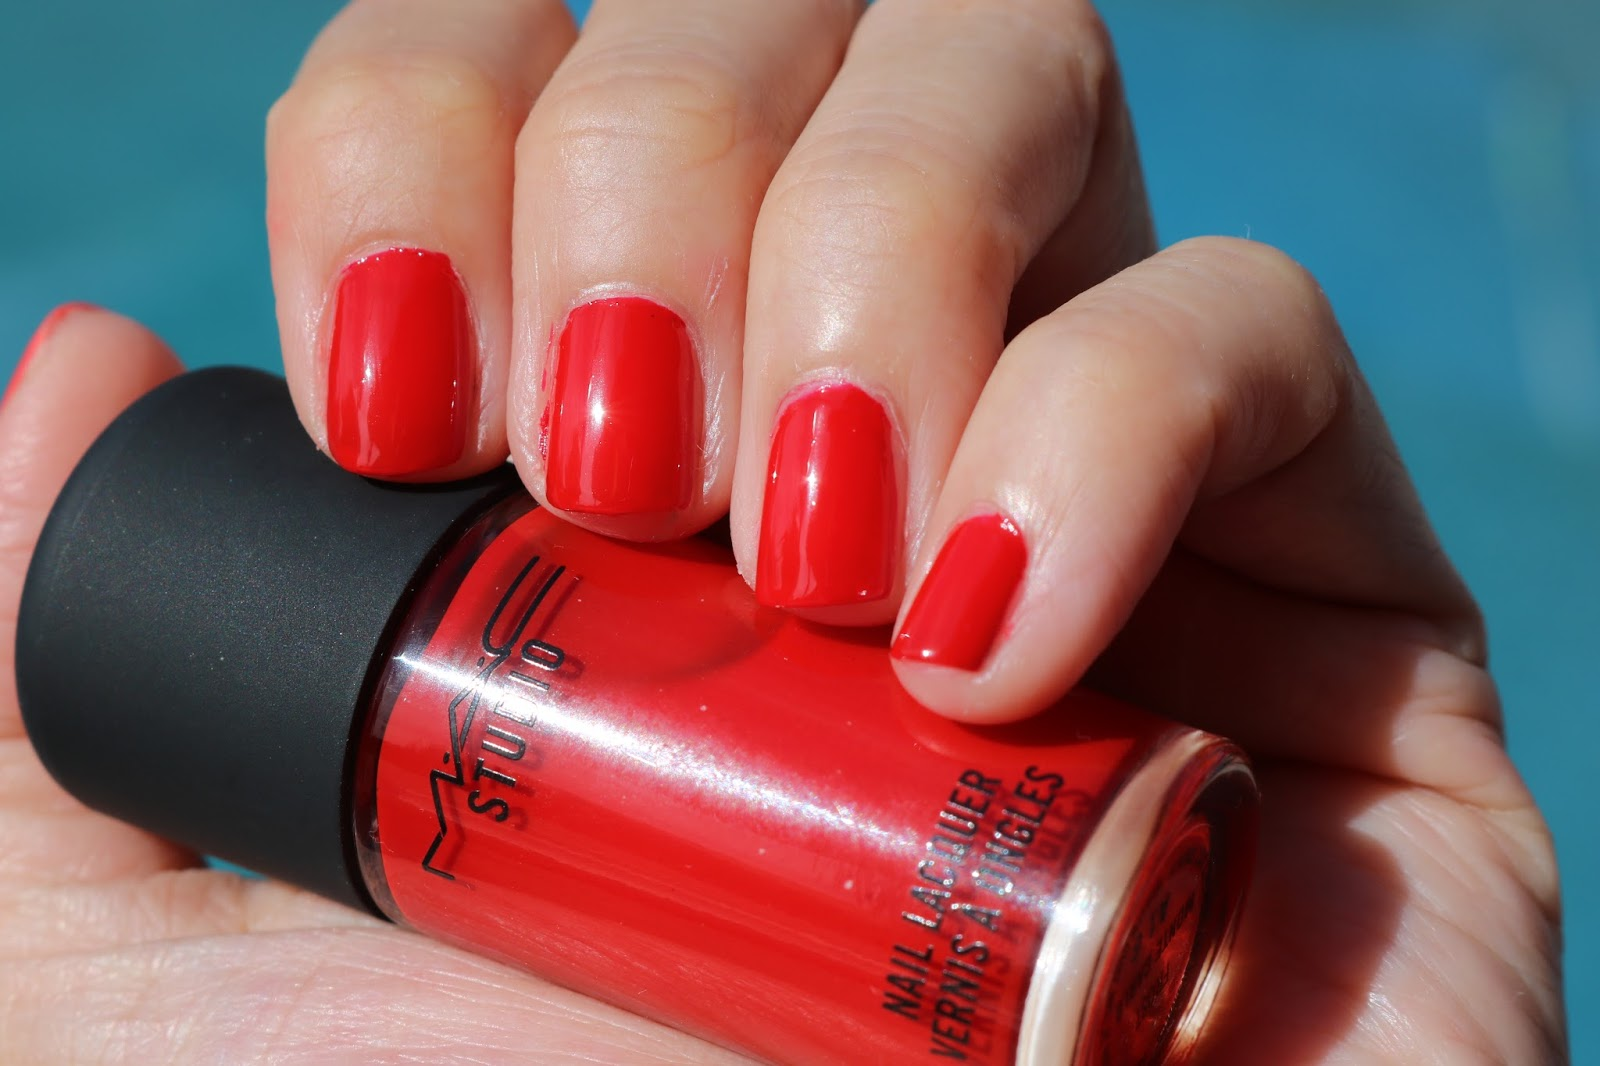 MAC Monte Carlo nail lacquer